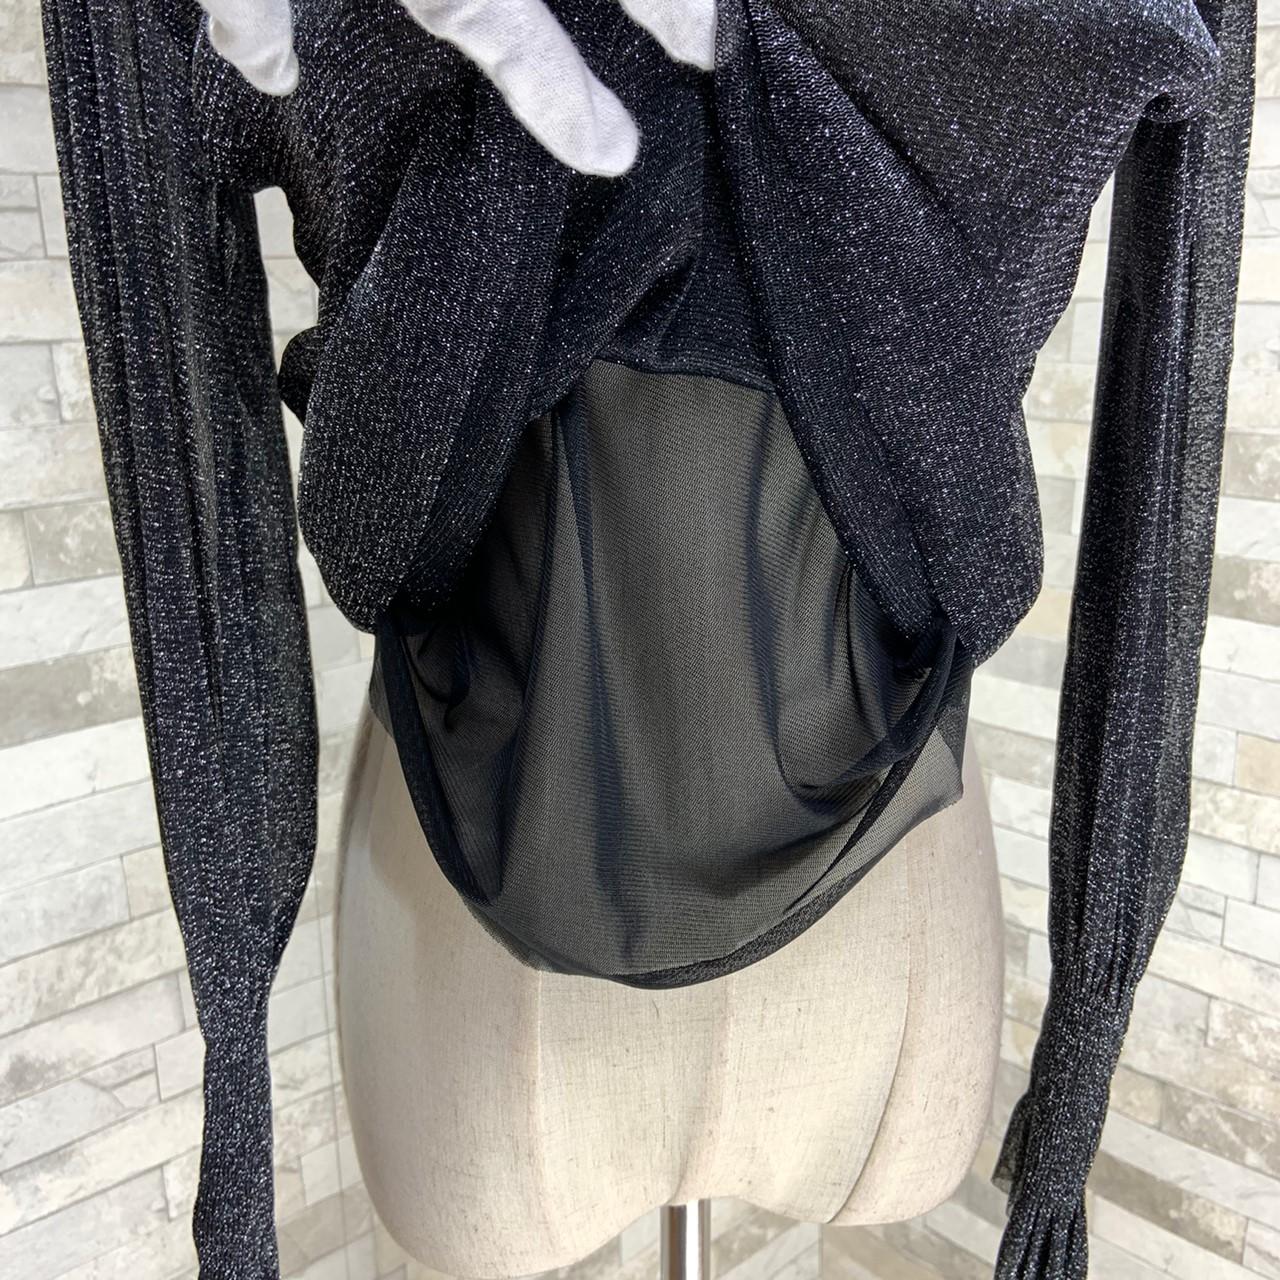 【即納】韓国 ファッション パーティードレス 結婚式 お呼ばれドレス セットアップ 秋 冬 春 パーティー ブライダル SPTXG154  シースルー ペプラム タイト キャ 二次会 セレブ きれいめの写真18枚目